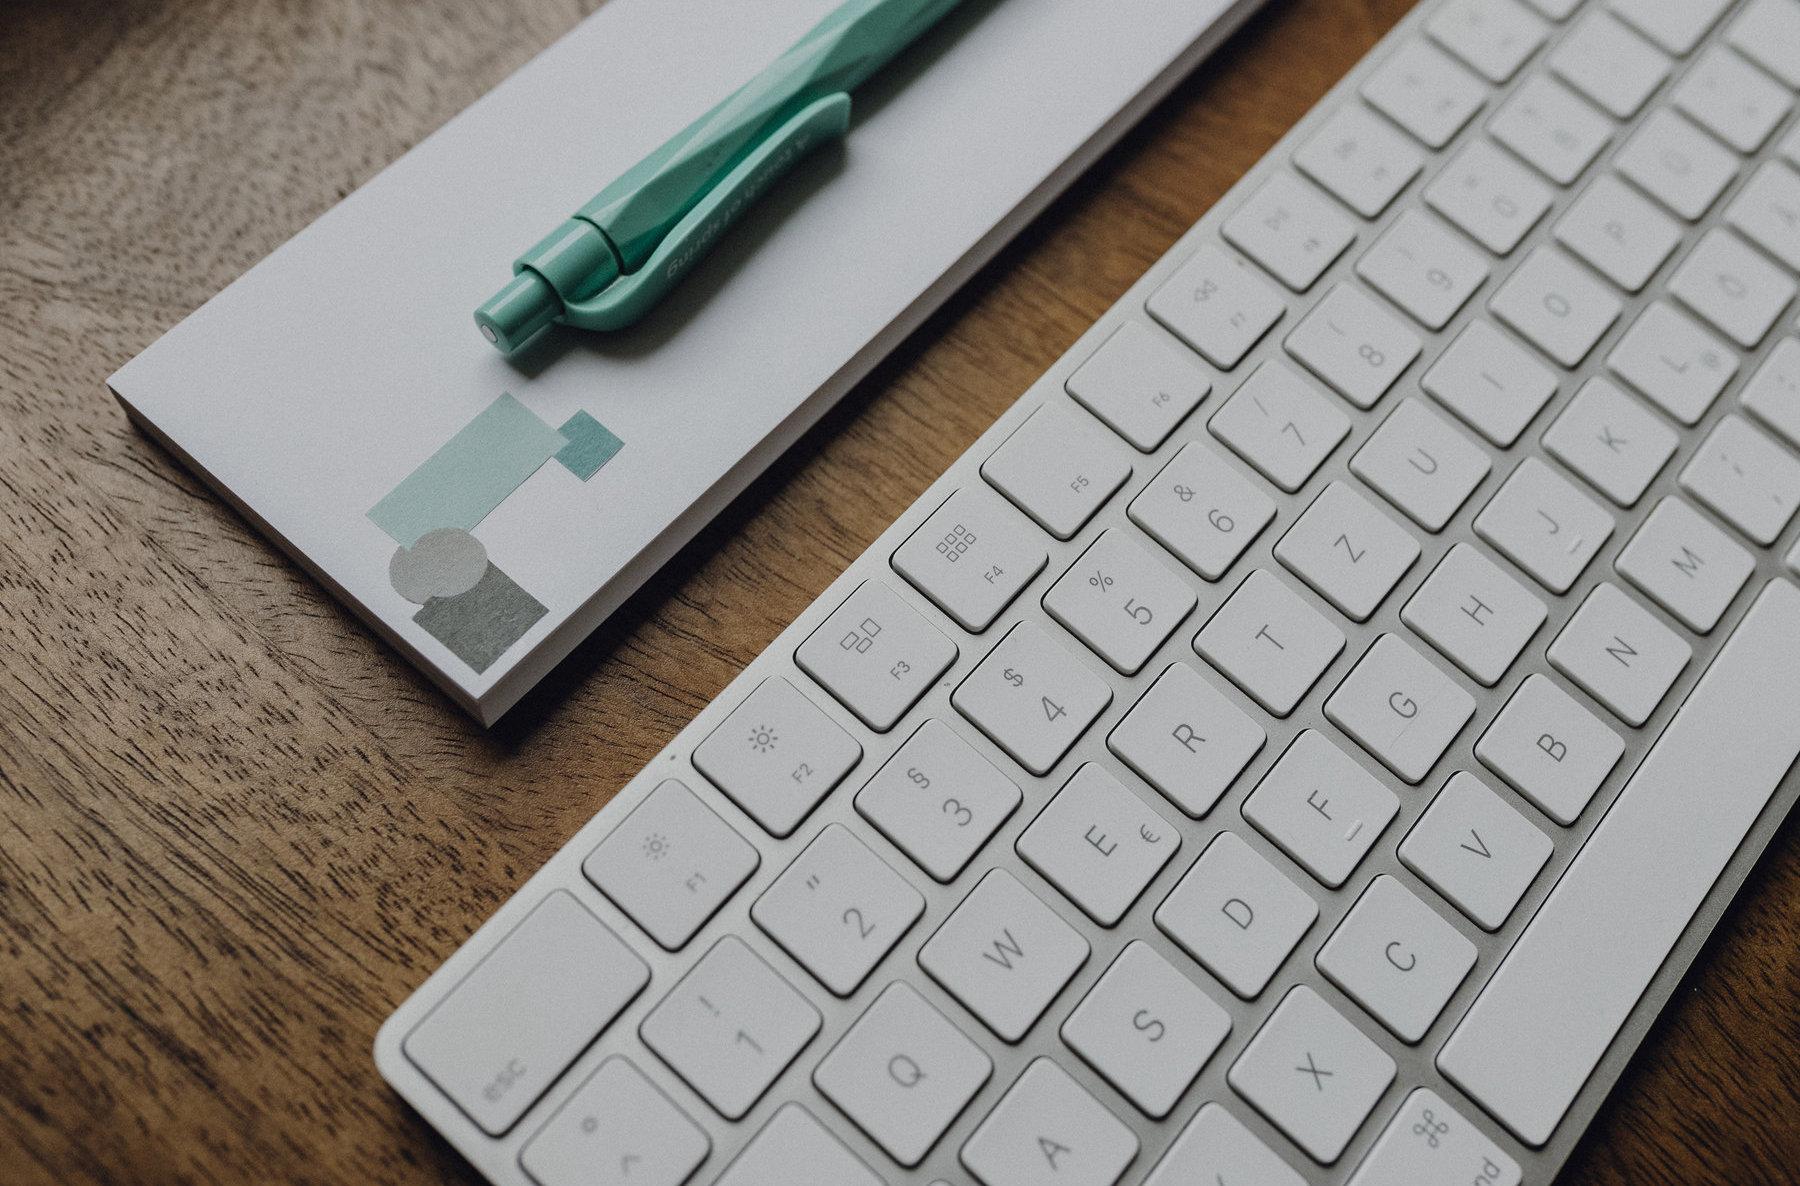 Schreibtisch-Tastatur